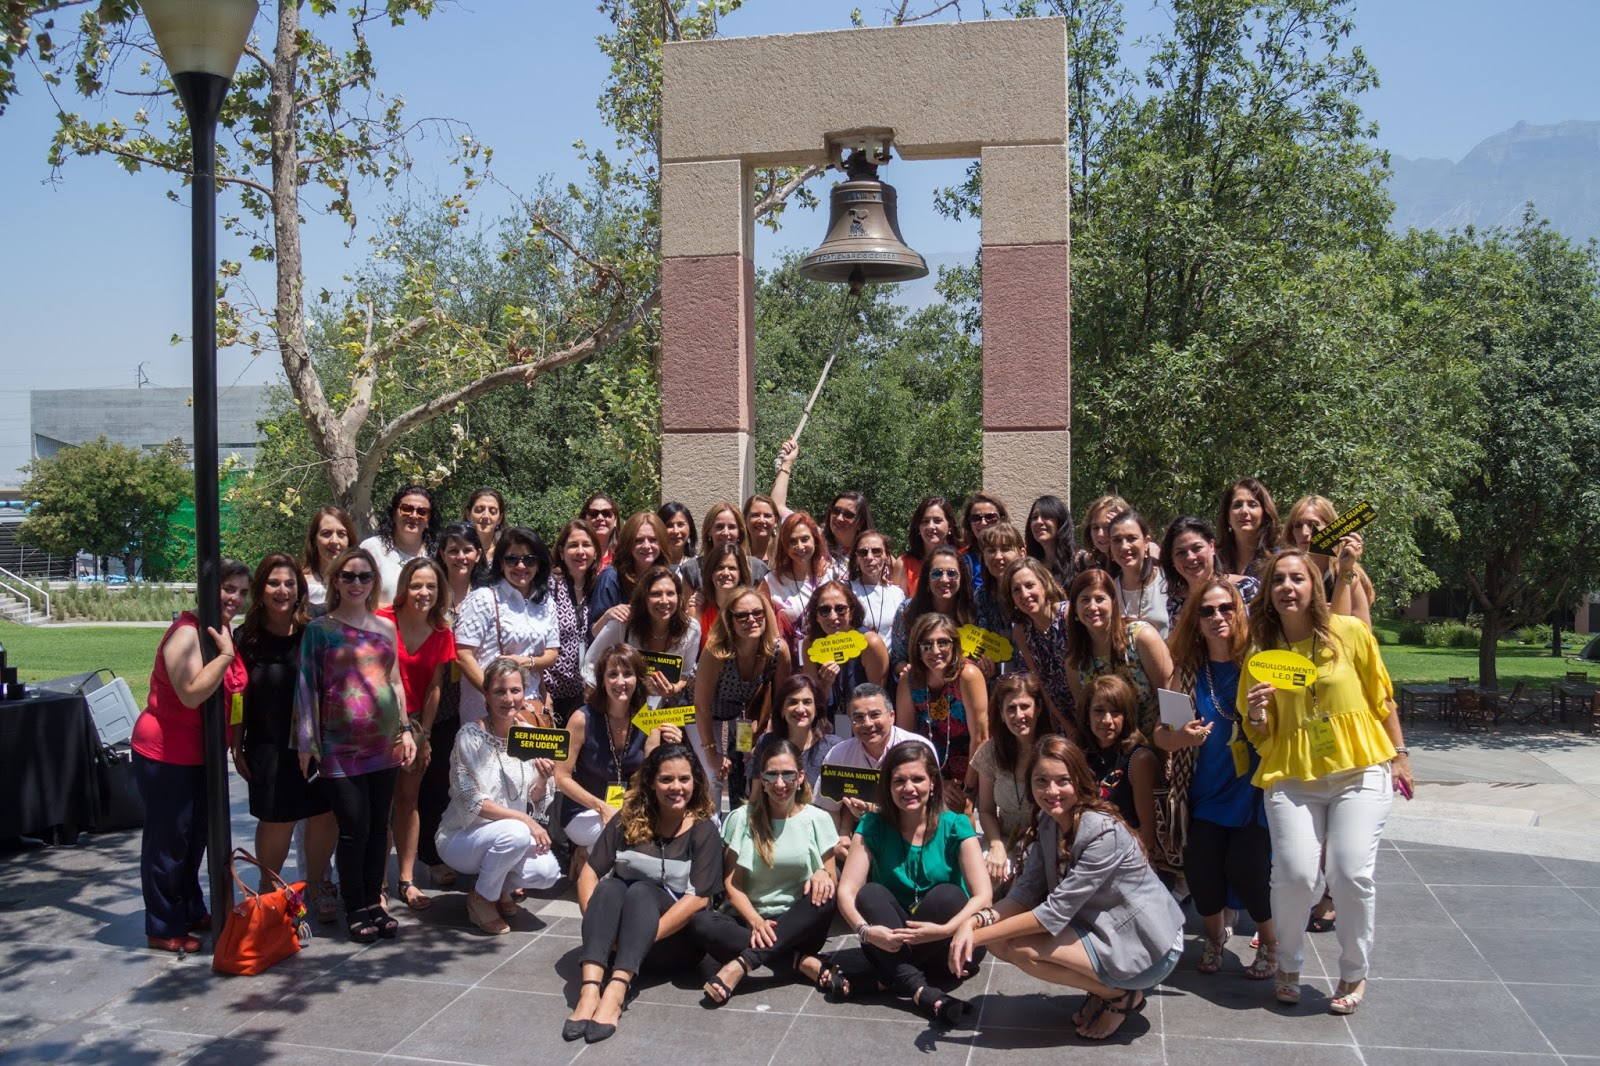 Crean nuevos recuerdos en Mi Alma Mater 2017